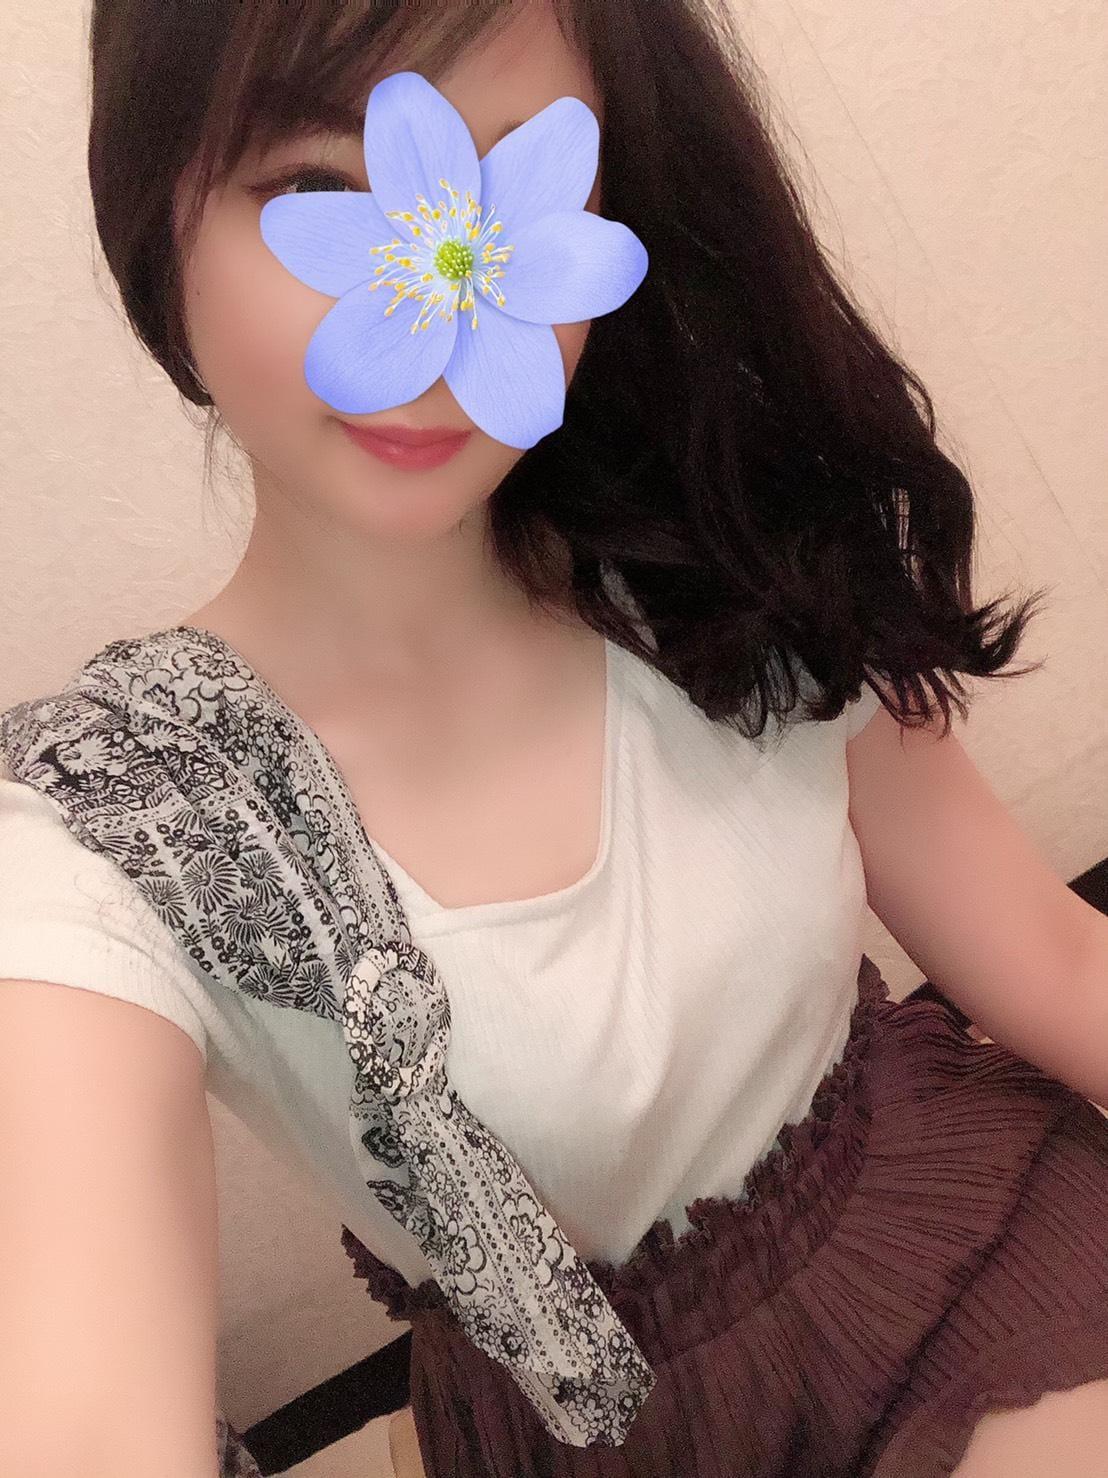 「まゆみです☆」03/05(金) 12:23 | 藤まゆみの写メ日記